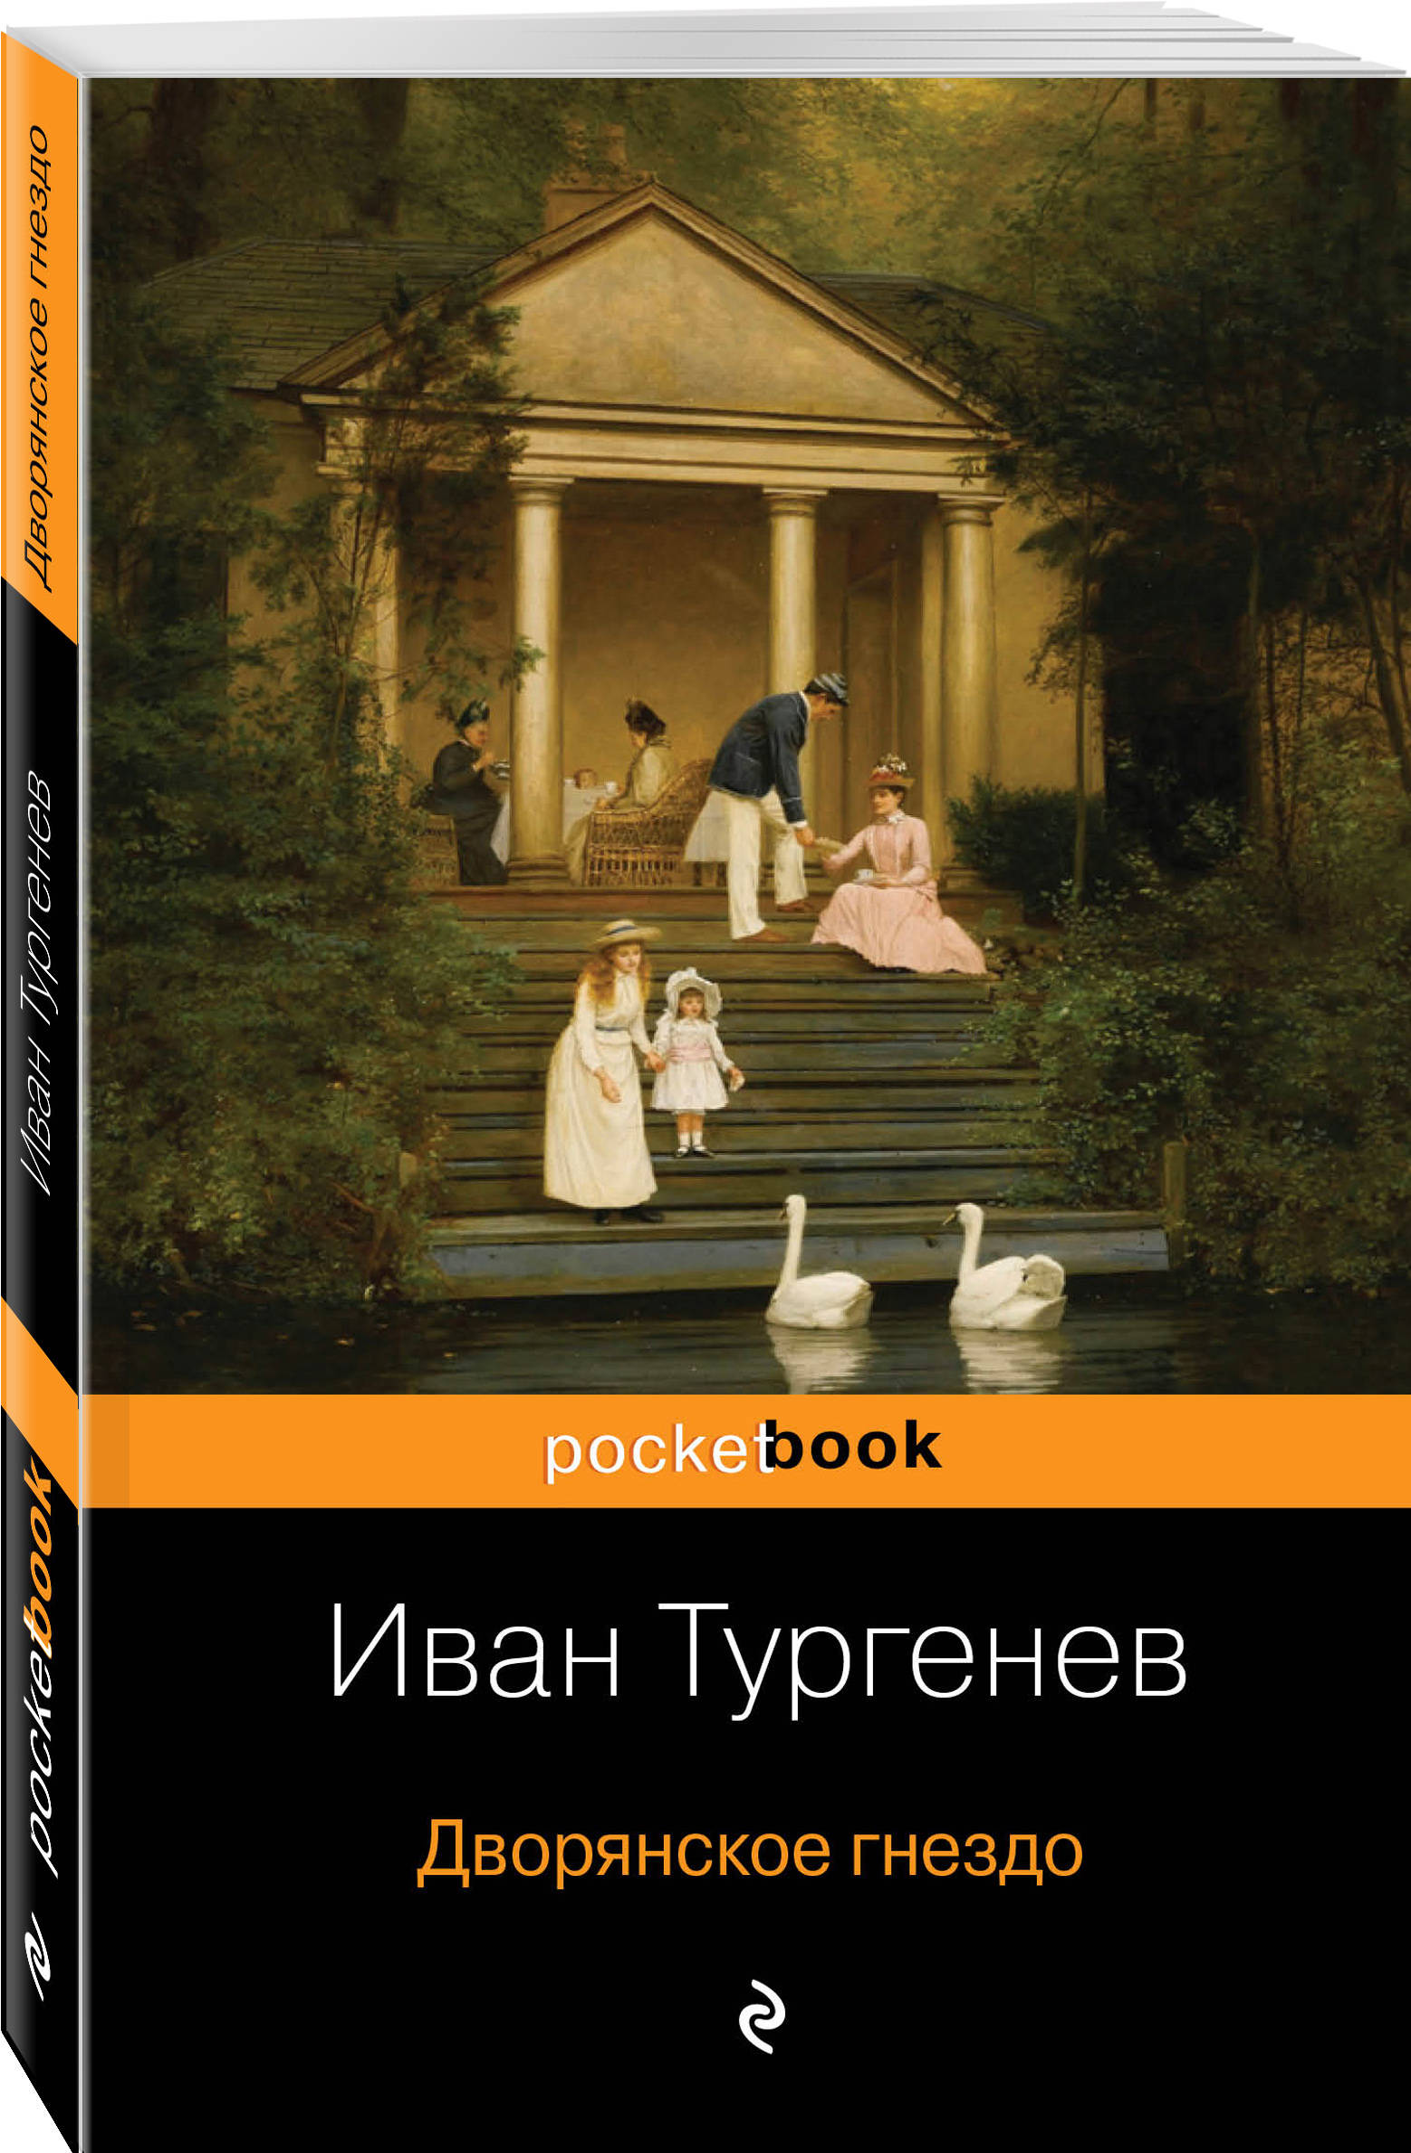 Иван Тургенев Дворянское гнездо